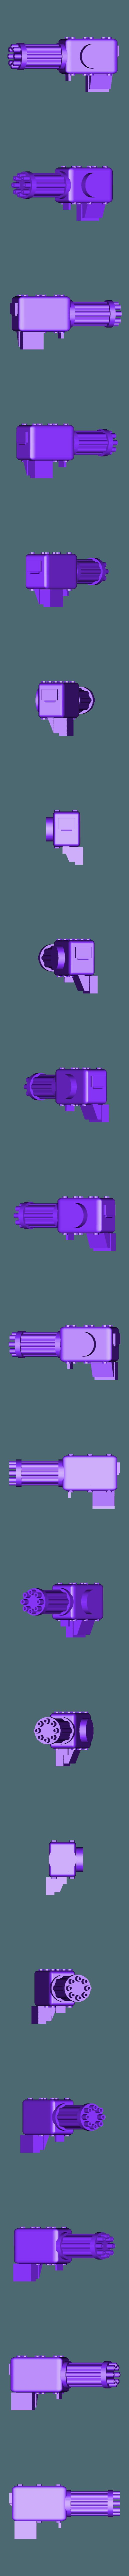 gatting_cannon.stl Télécharger fichier STL gratuit Ork Great Gargant 6mm Epic Scale Proxy model • Objet à imprimer en 3D, redstarkits